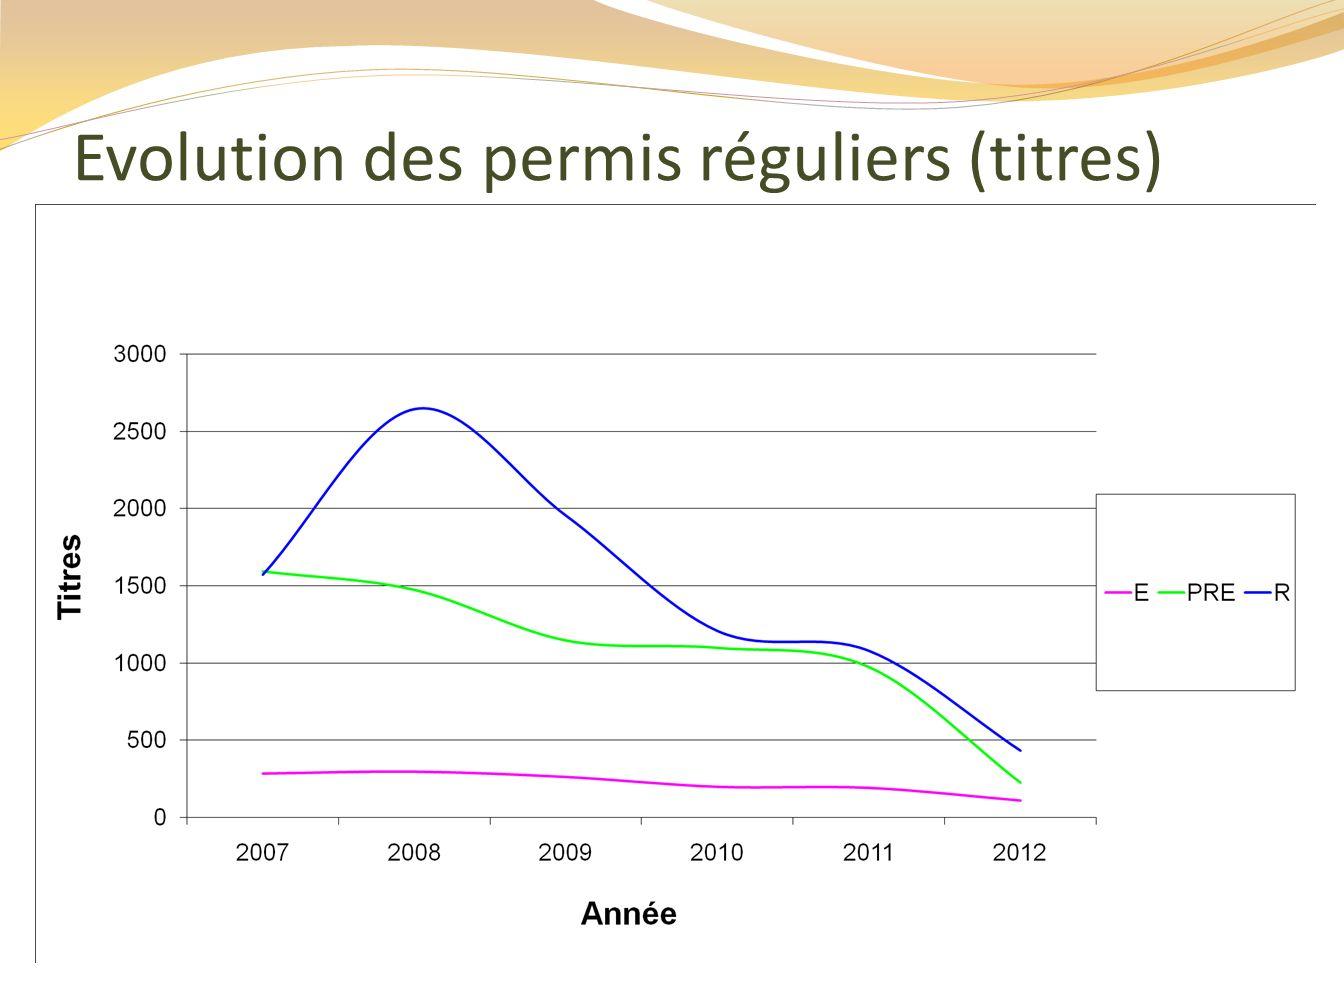 Evolution des permis réguliers (titres)